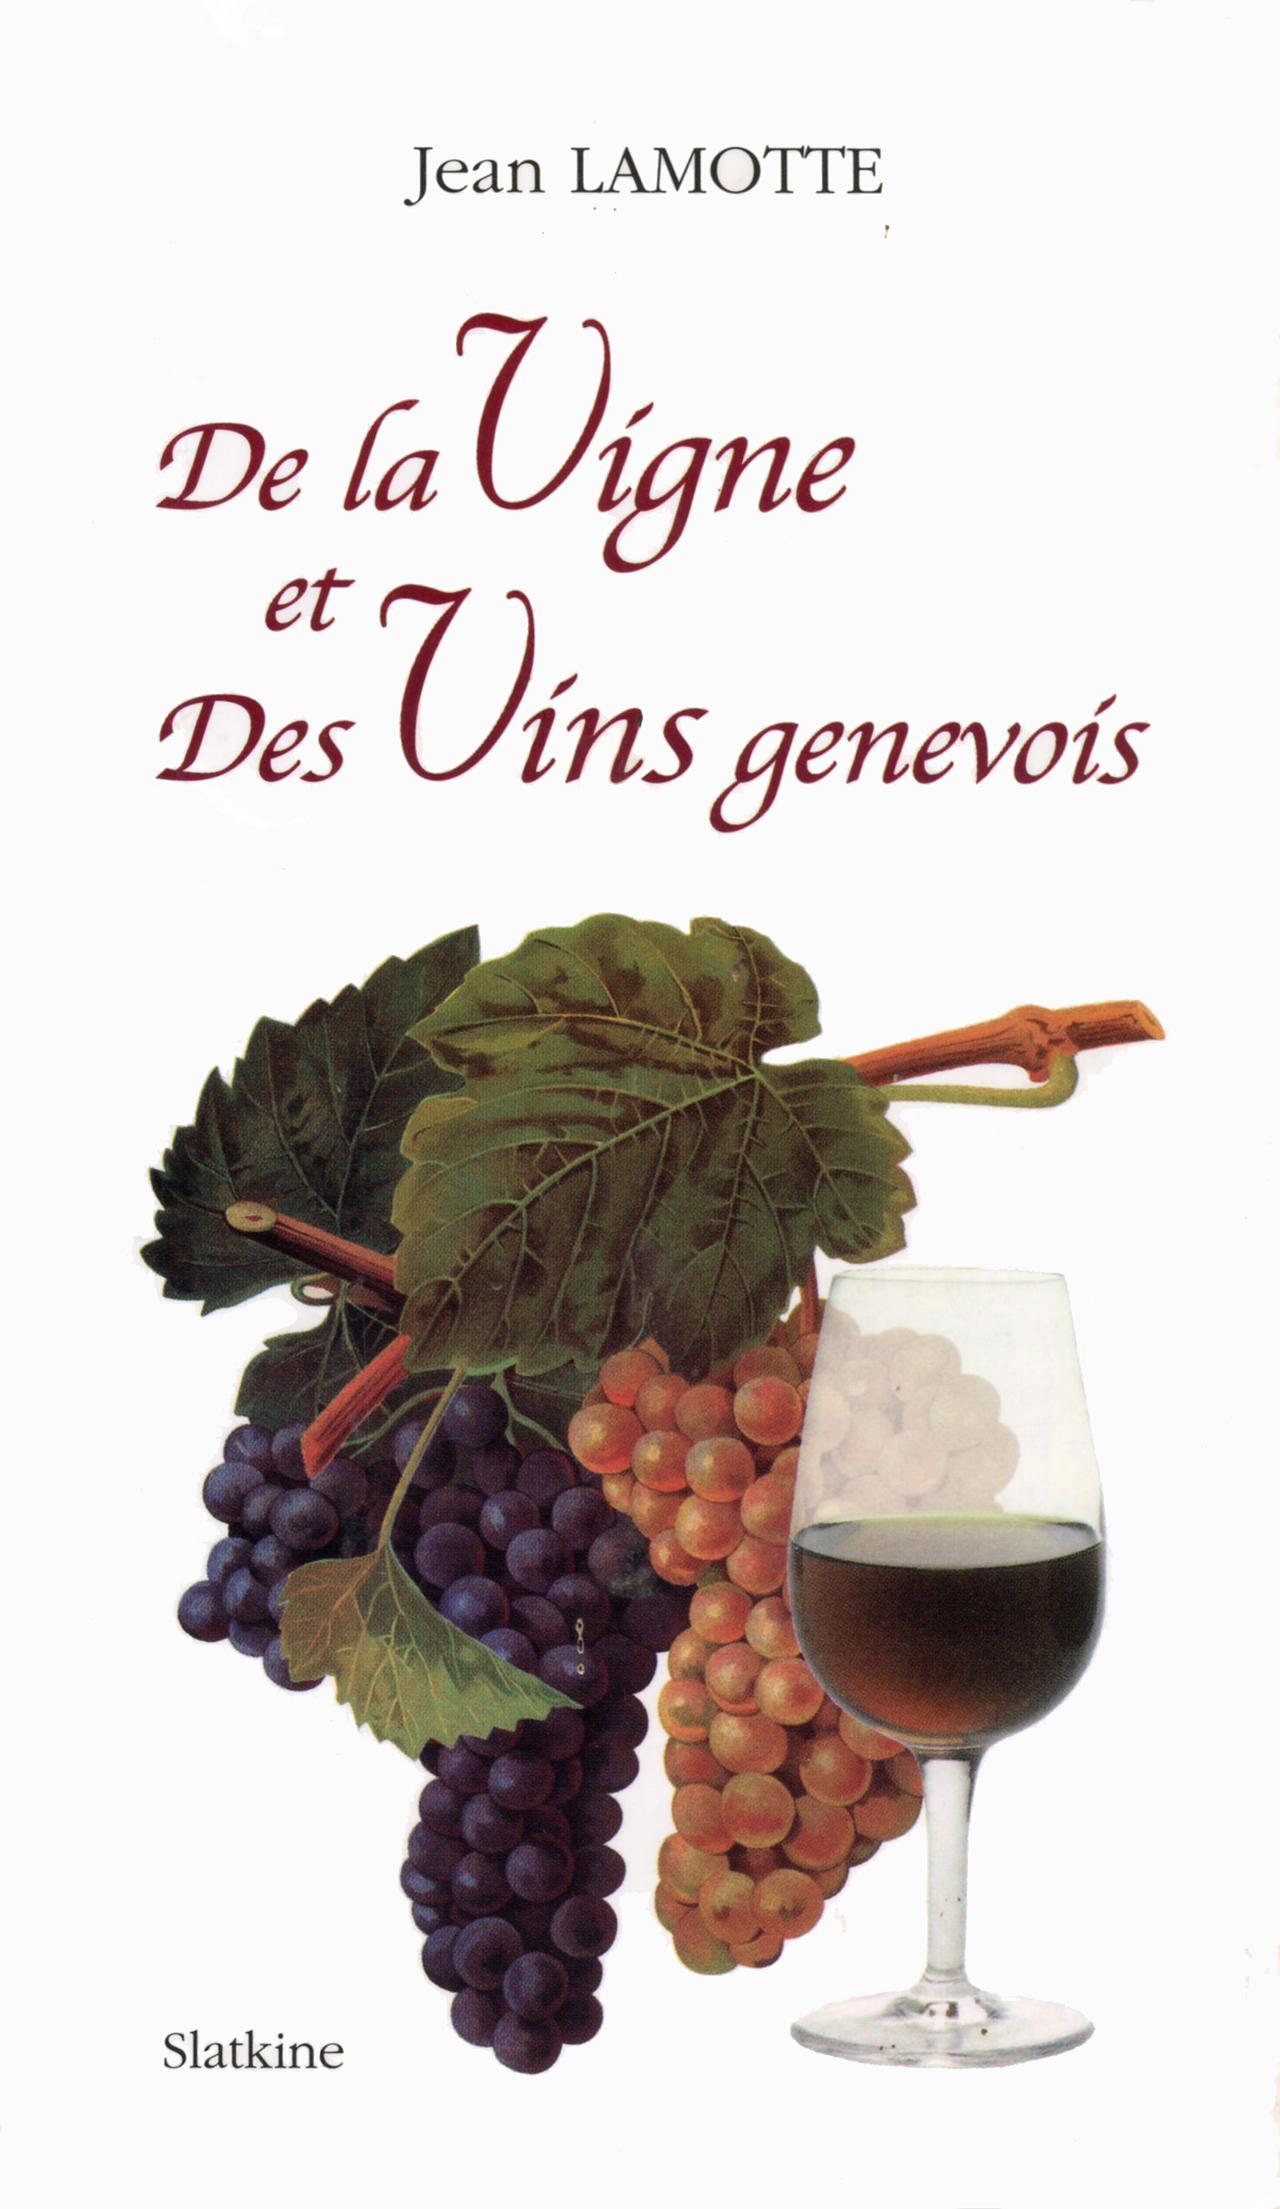 De la Vigne et des Vins genevois